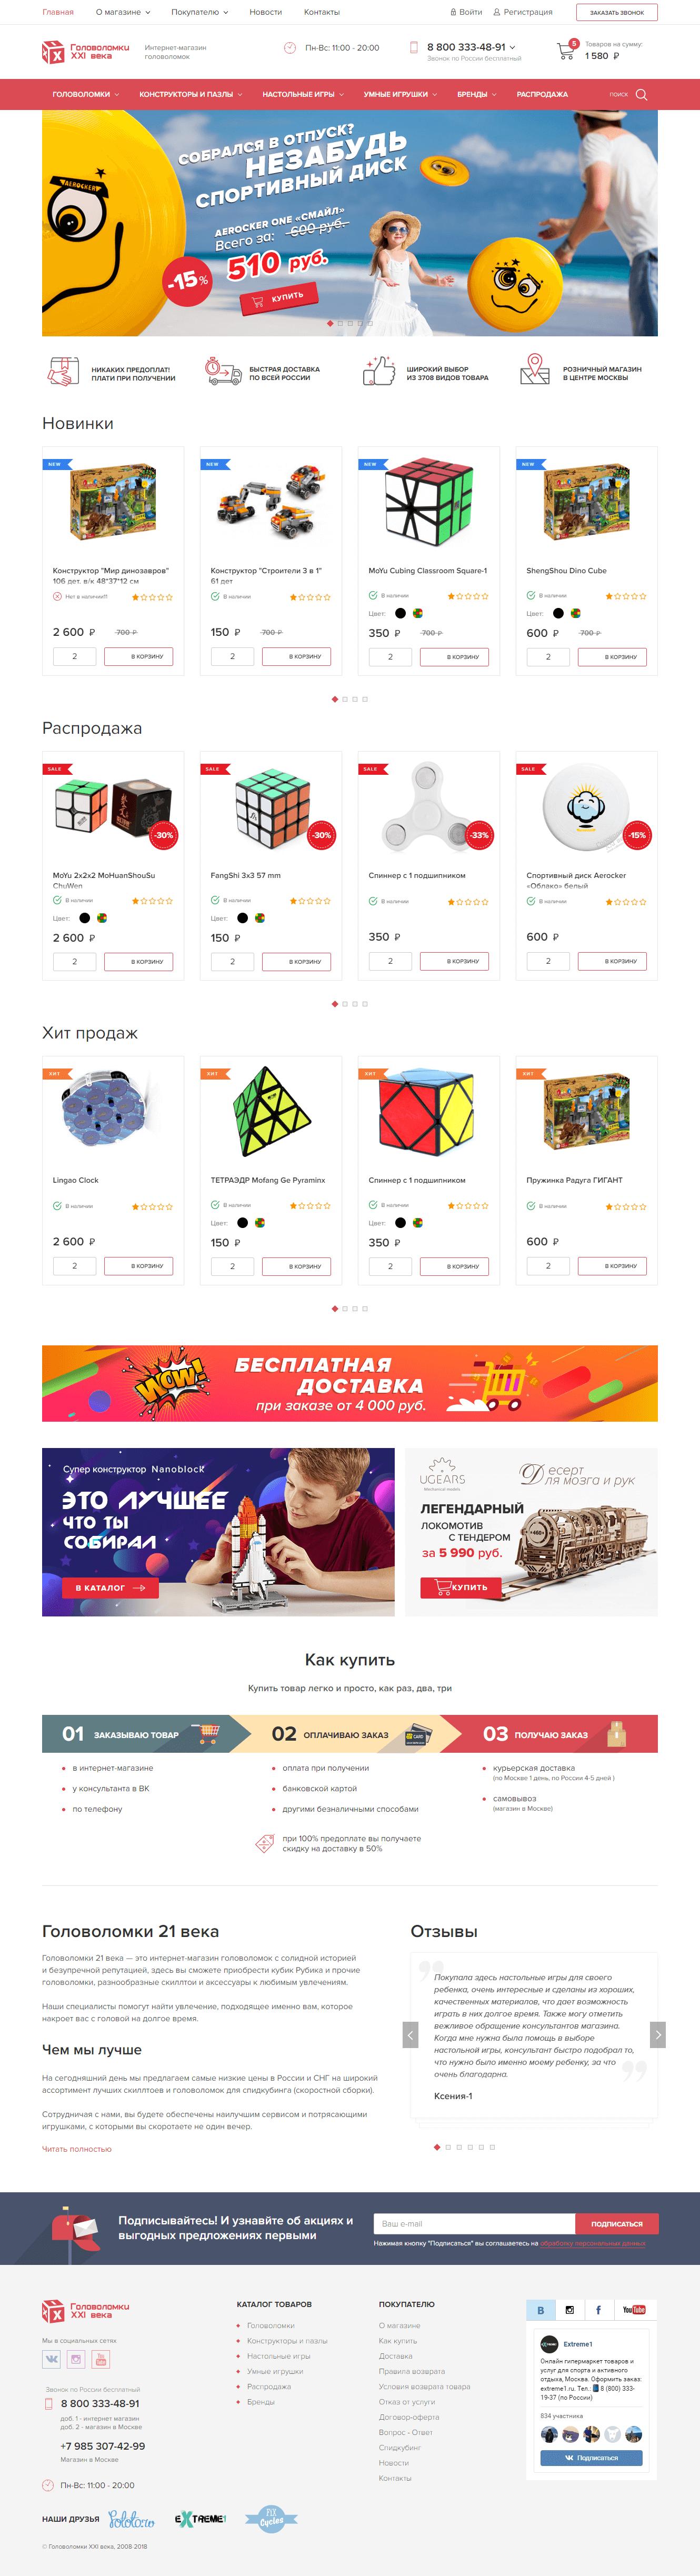 Адаптивная верстка современного ИМ детских игрушек [2018]